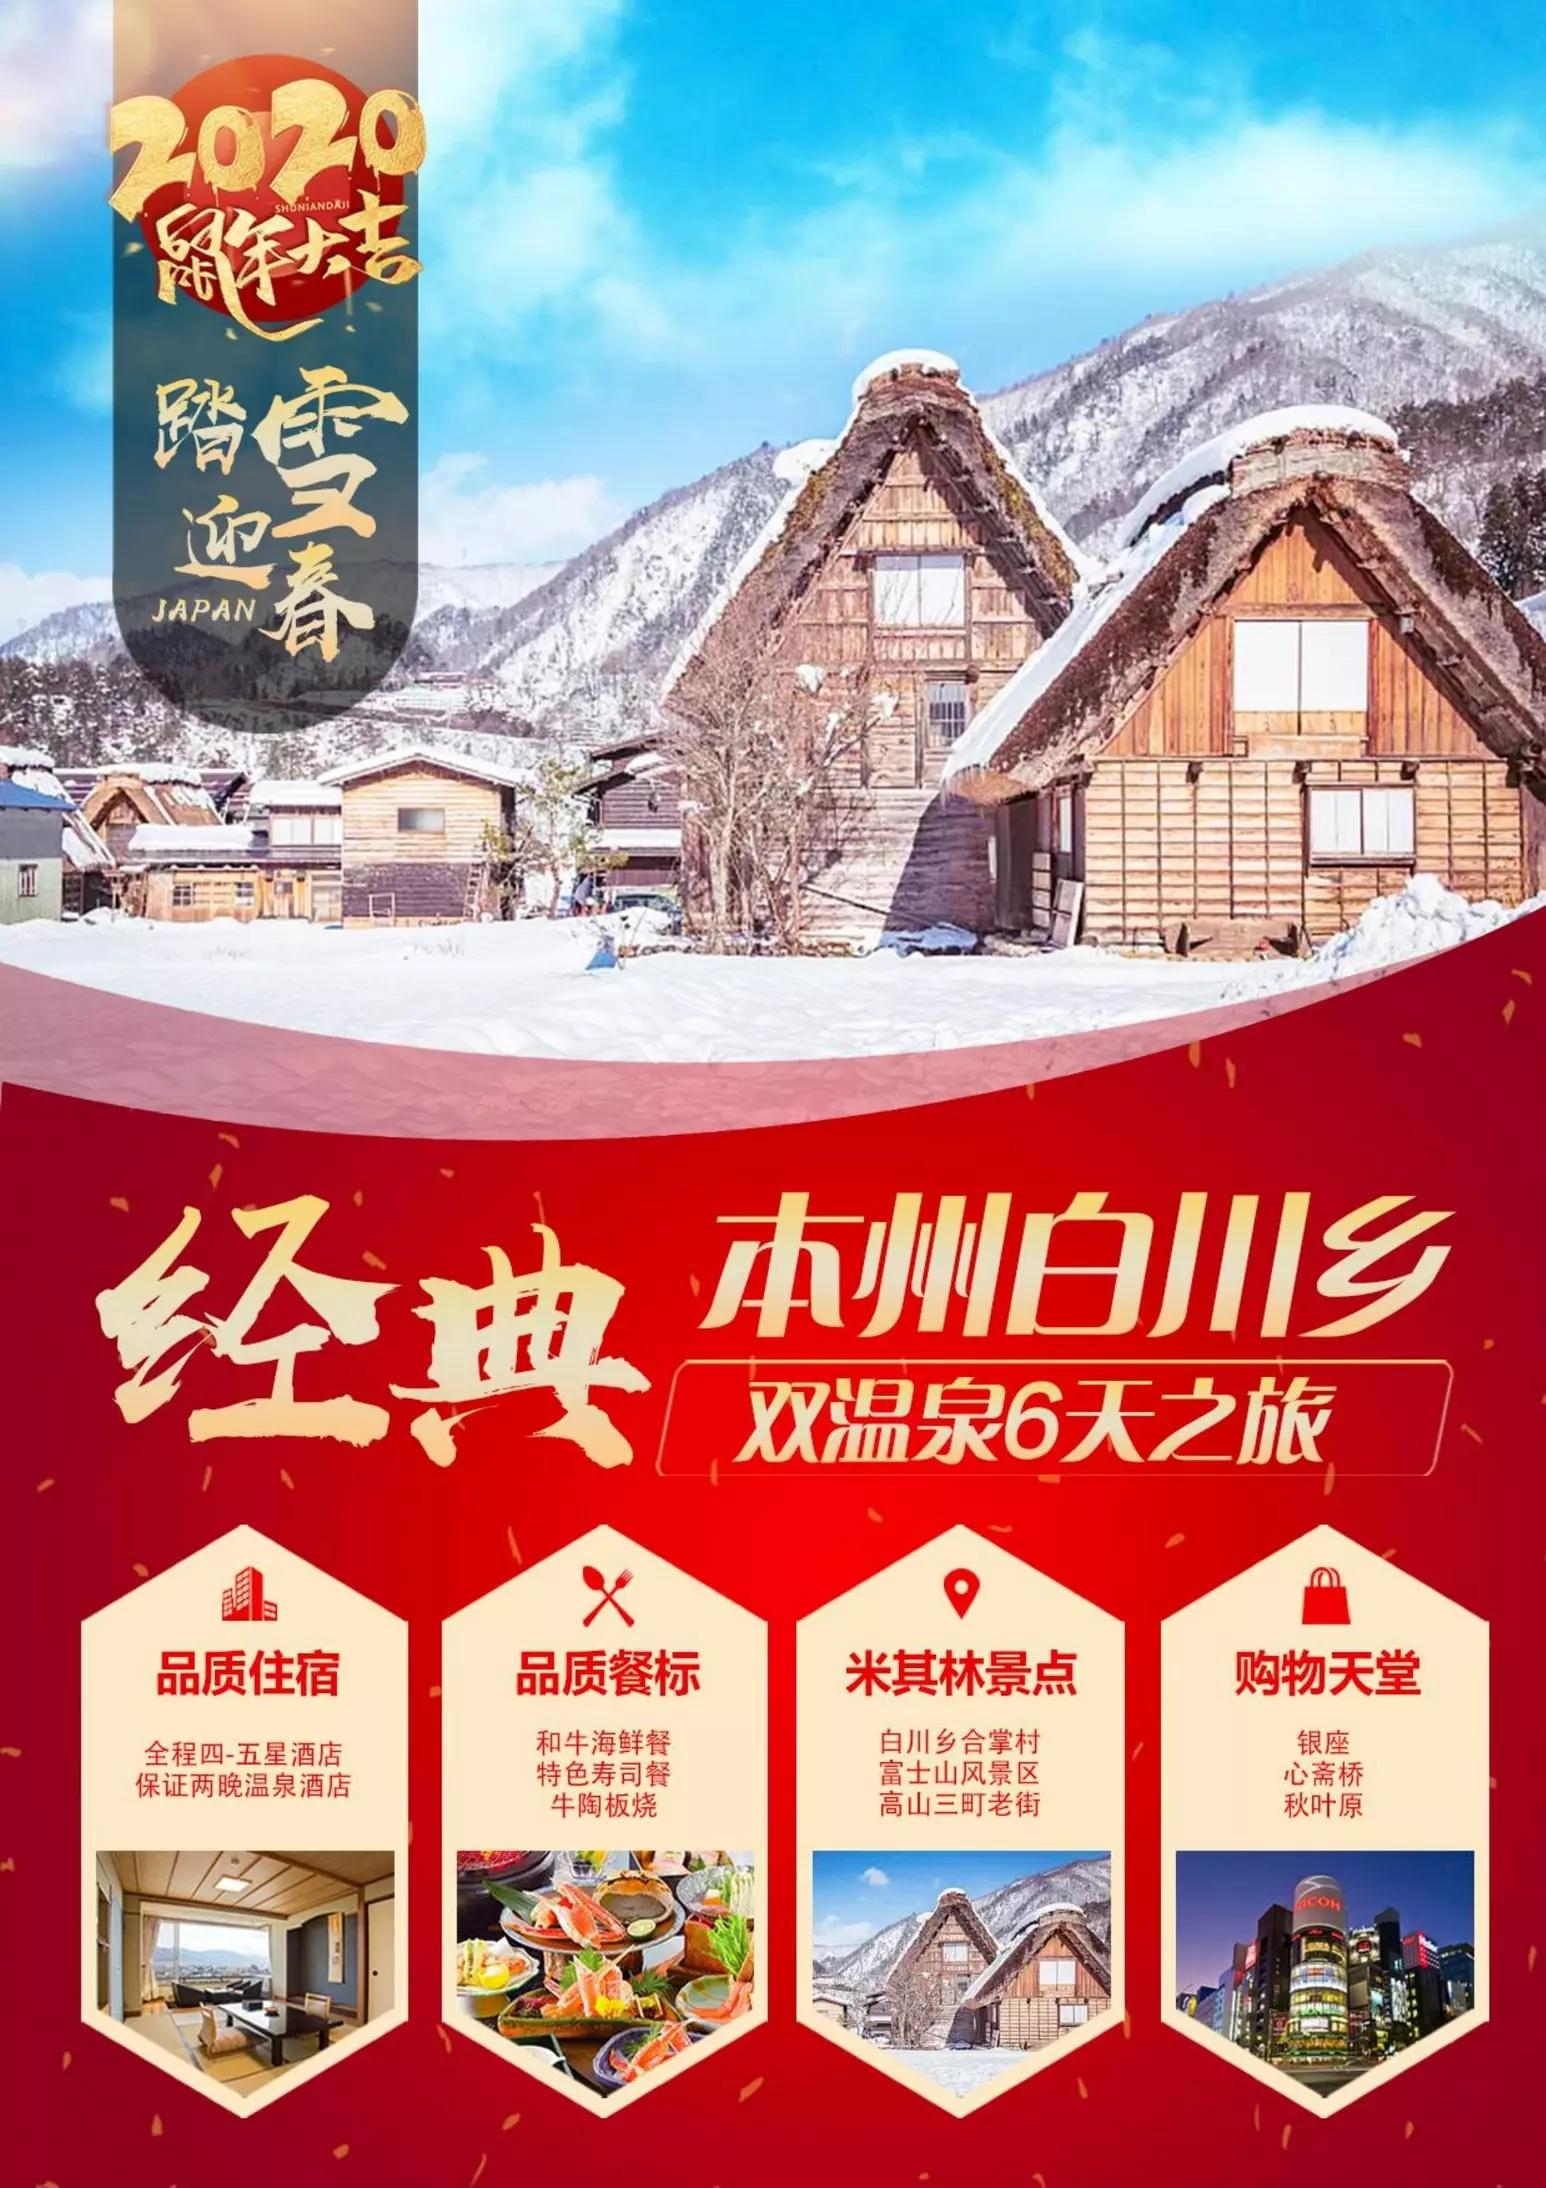 广州本州双温泉踏雪迎春6天白川乡童话经典之旅